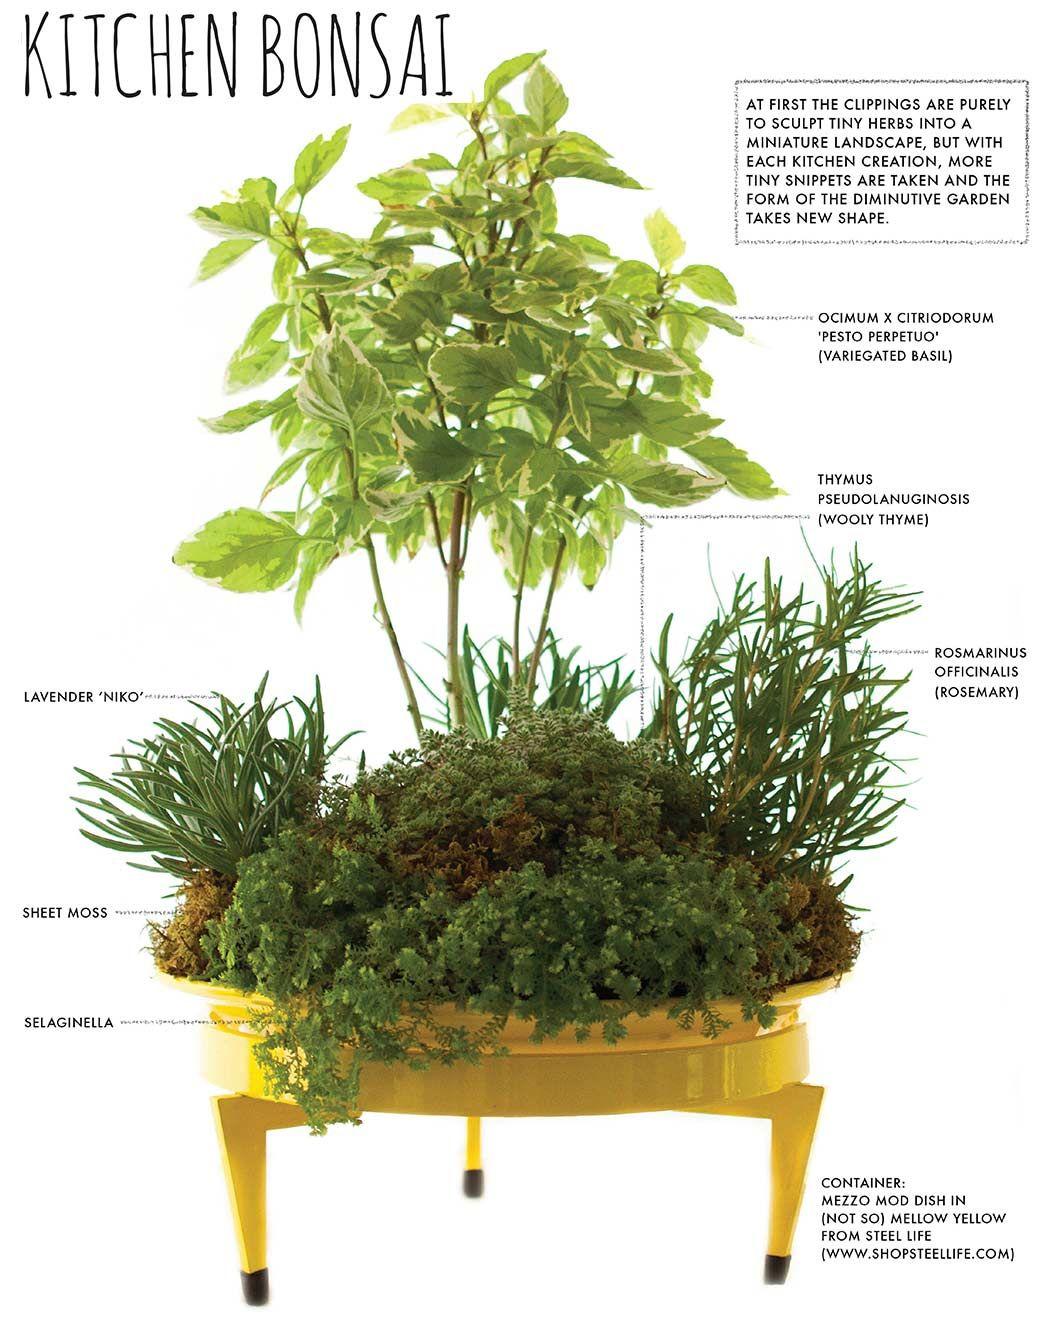 Make A Countertop Kitchen Bonsai Herb Garden Bonsai Container